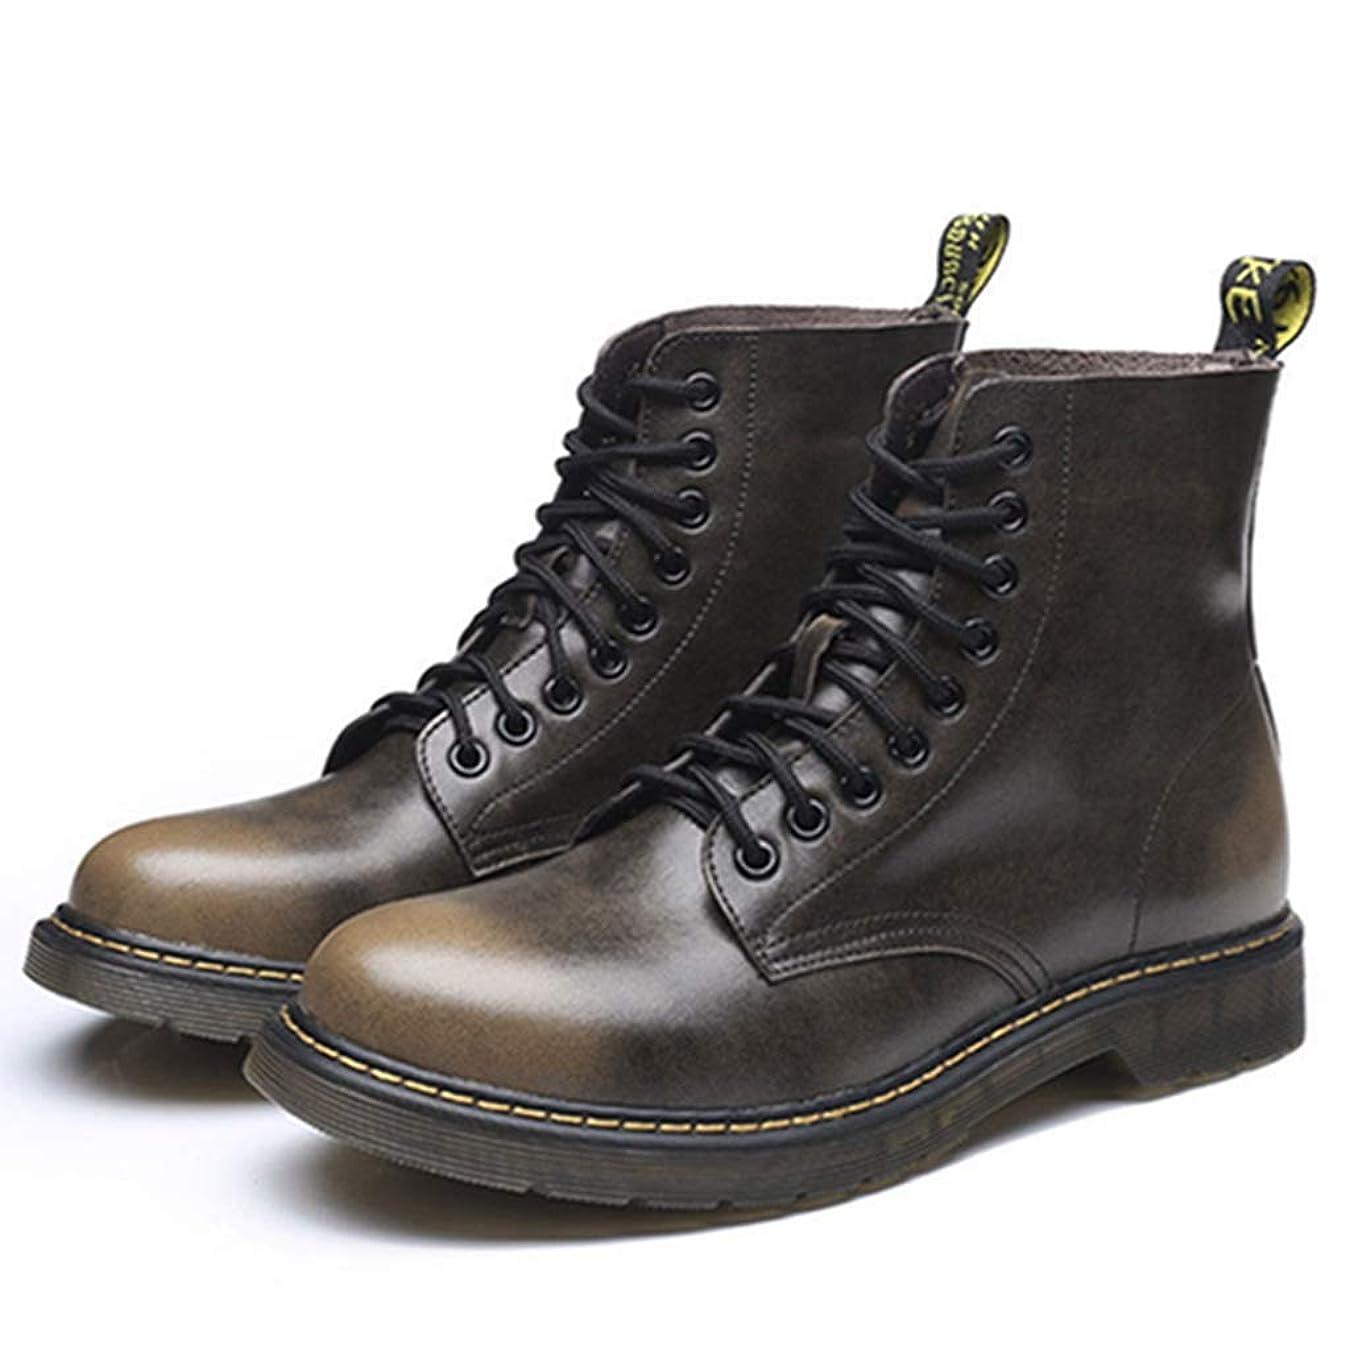 広い忙しいコンテンポラリーブーツ メンズ エンジニアブーツ レースアップブーツ おしゃれ カジュアル 防滑 マーチン 革靴 通気 防水性 短靴 アウトドア マーティンブーツ 歩きやすい 作業靴 大きいサイズ ショートブーツ 通学 通勤 紳士靴